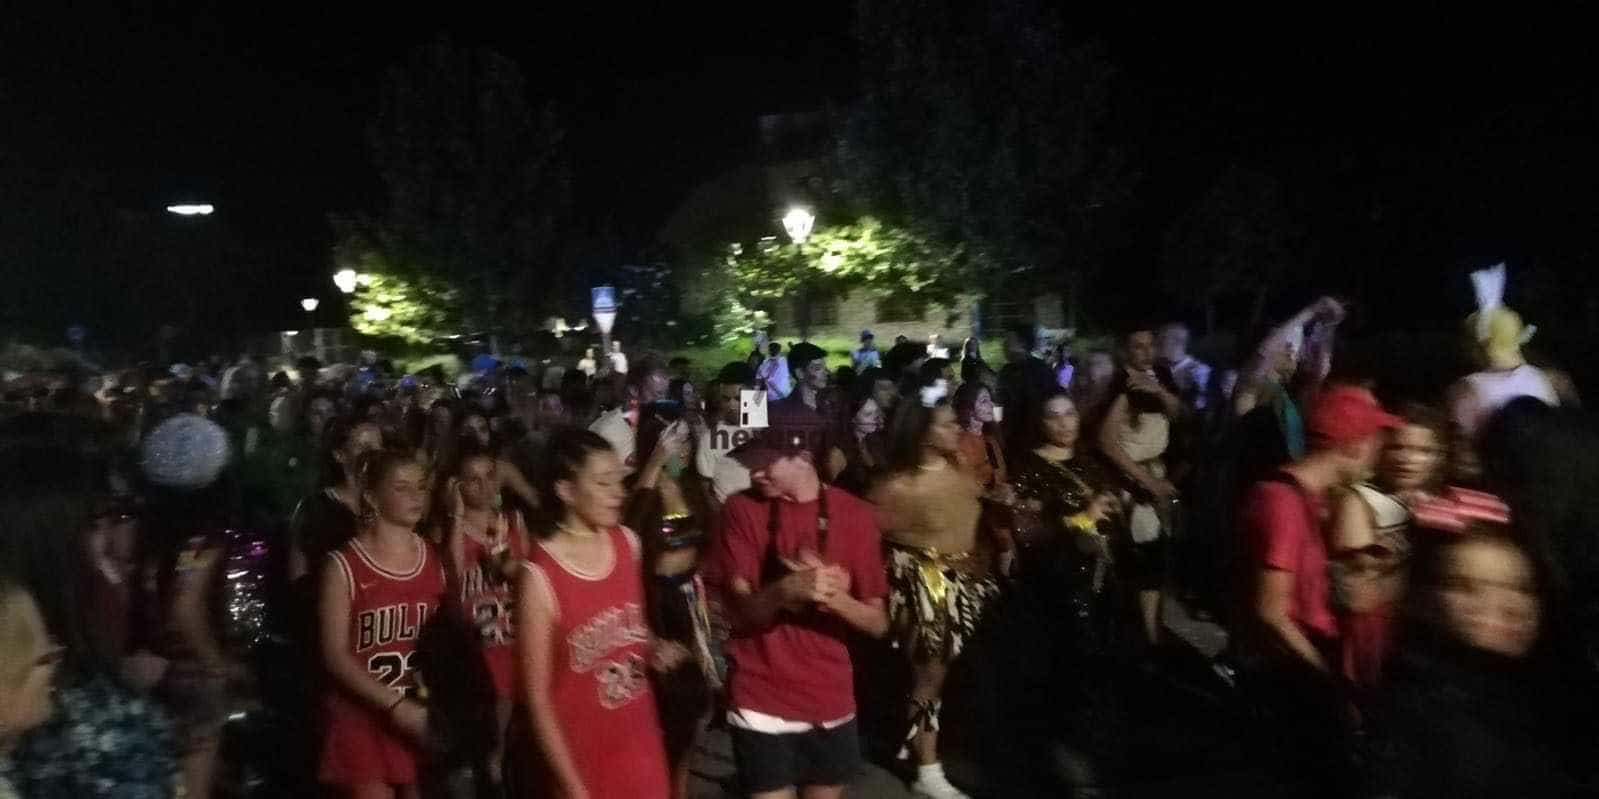 Carnaval de herencia 2019 galeria 4 - Galería de fotografías del Carnaval de Verano 2019